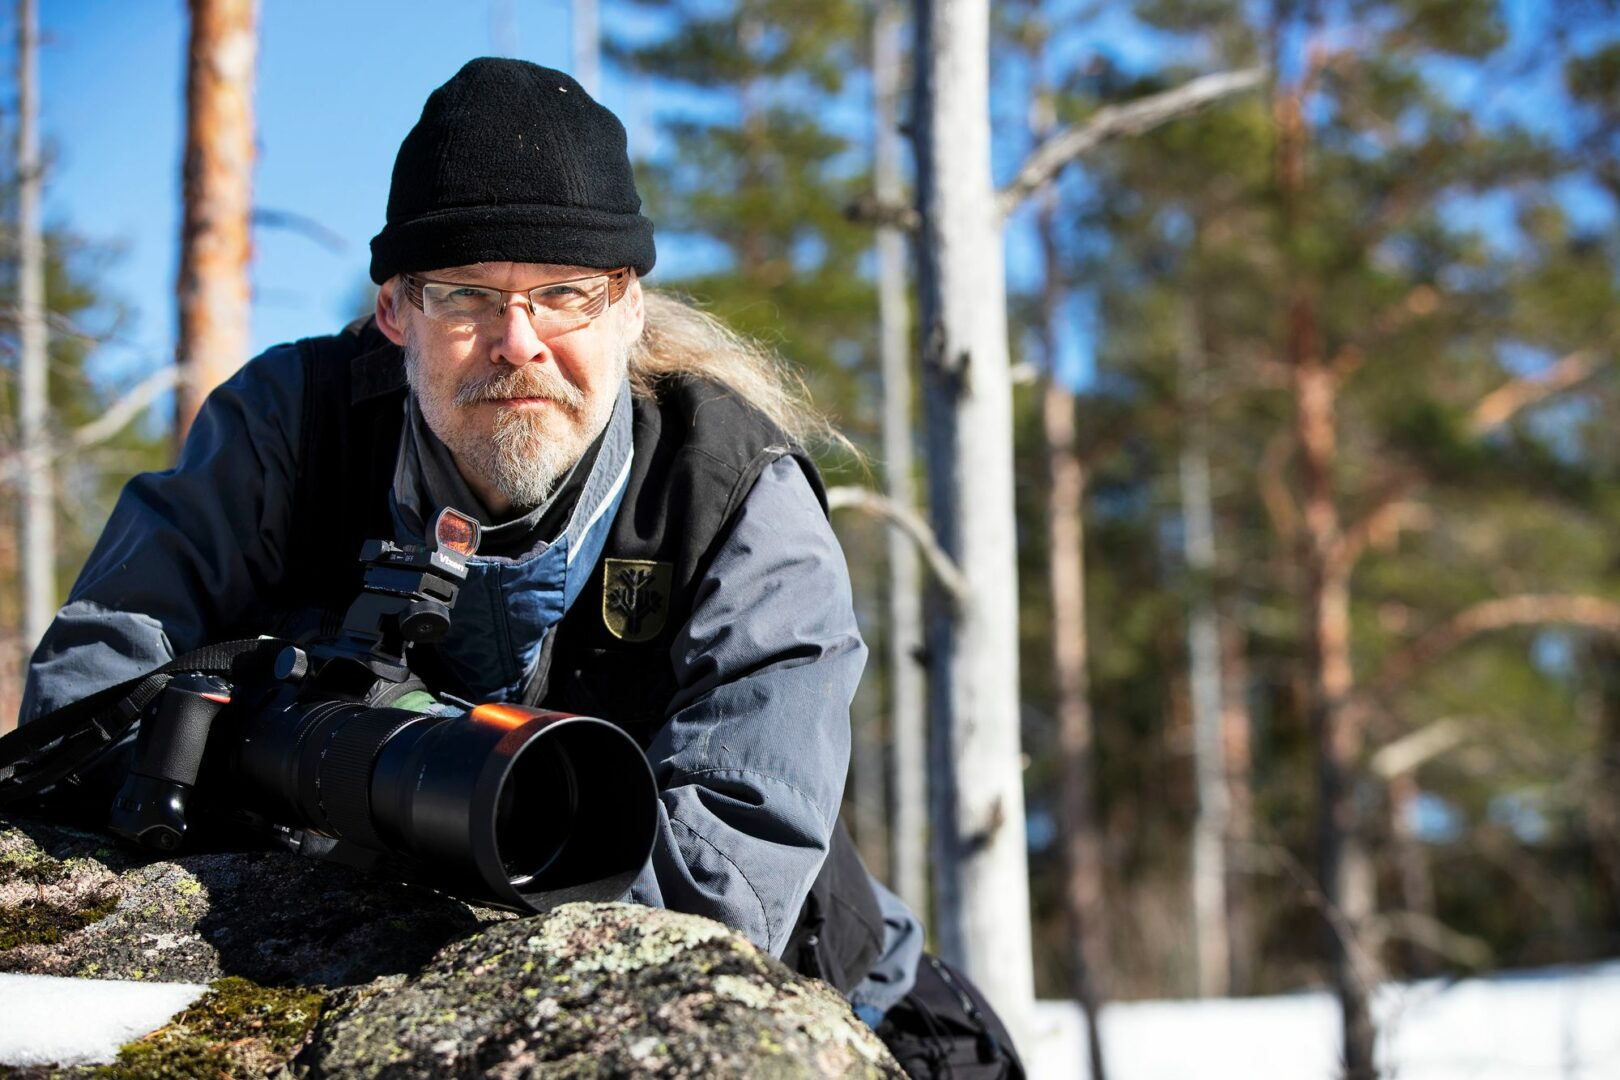 """Valokuvaamisen lisäksi Markus Hotakainen harrastaa ruuanlaittoa ja valmistaa yleensä perheen ateriat. """"Siinä on se hyvä puoli, että saa mitä tilaa."""" © Tommi Tuomi"""